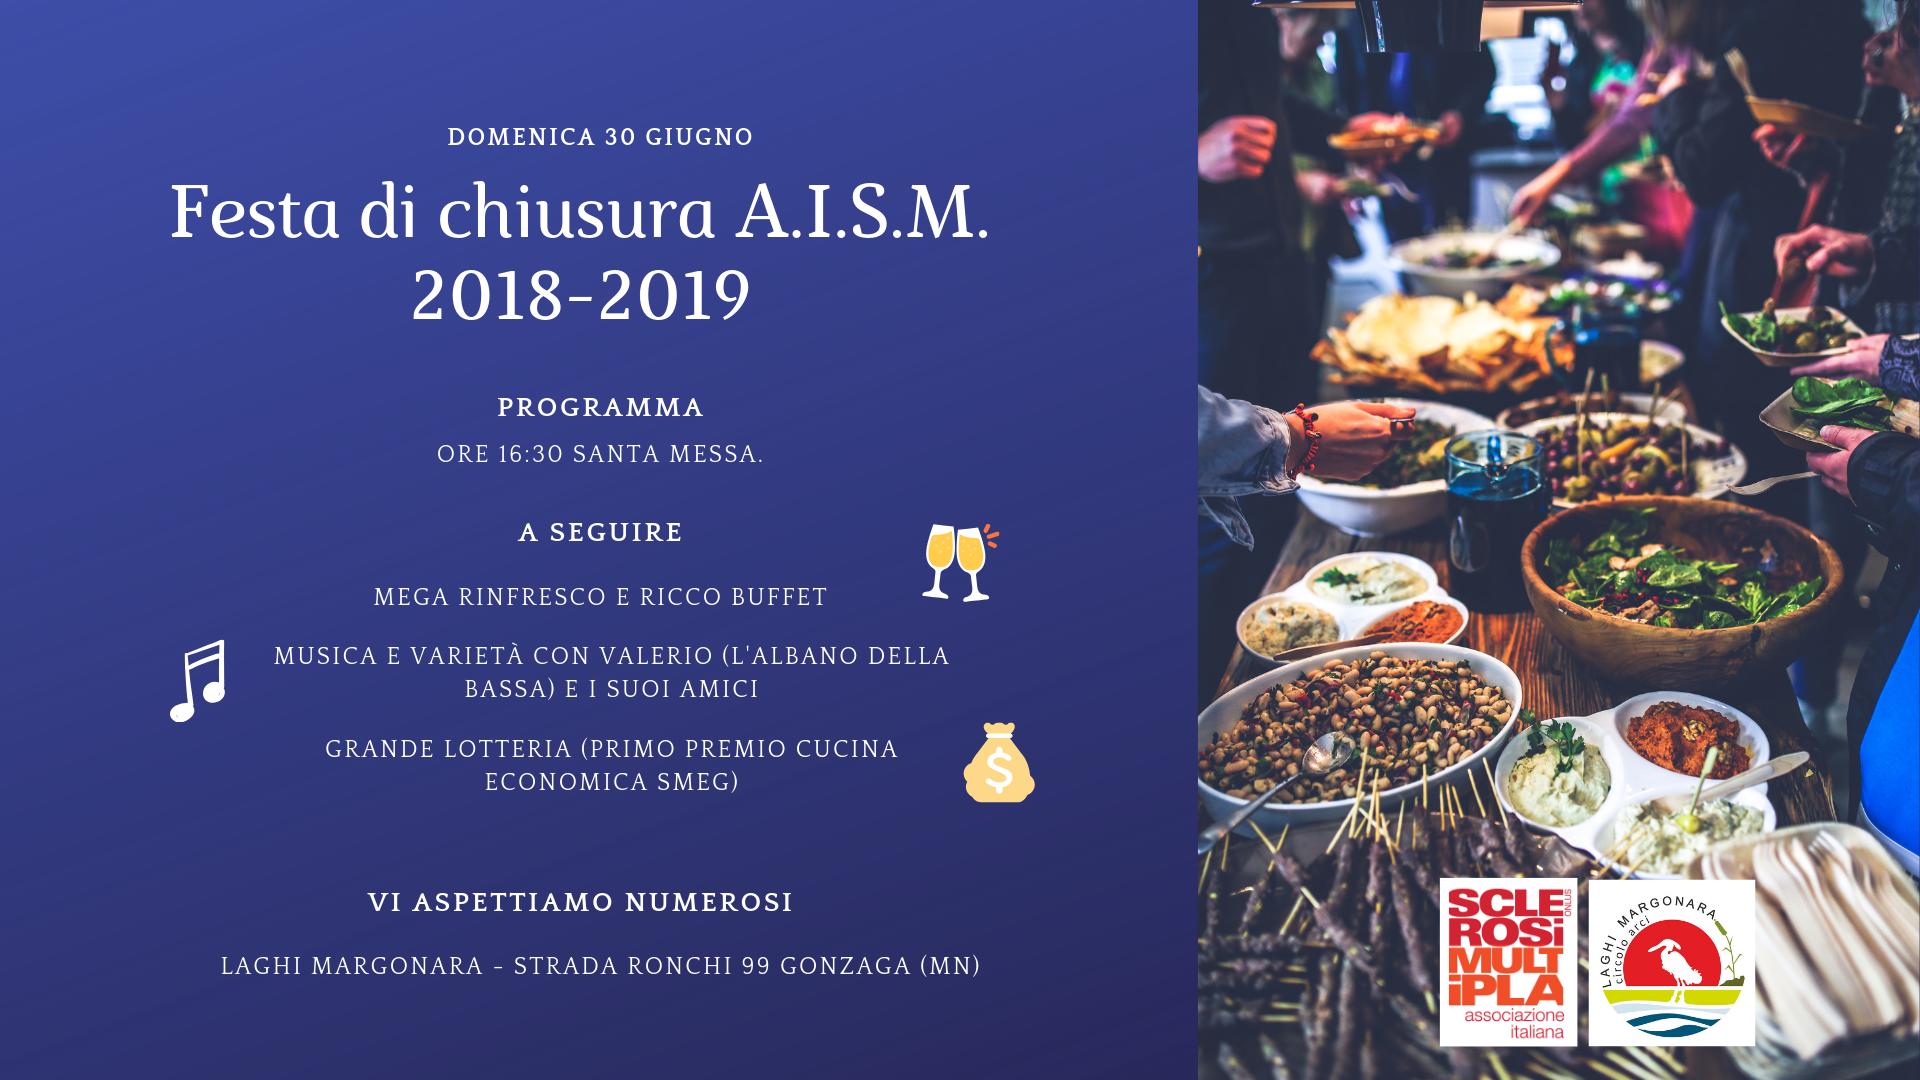 Festa di chiusura AISM